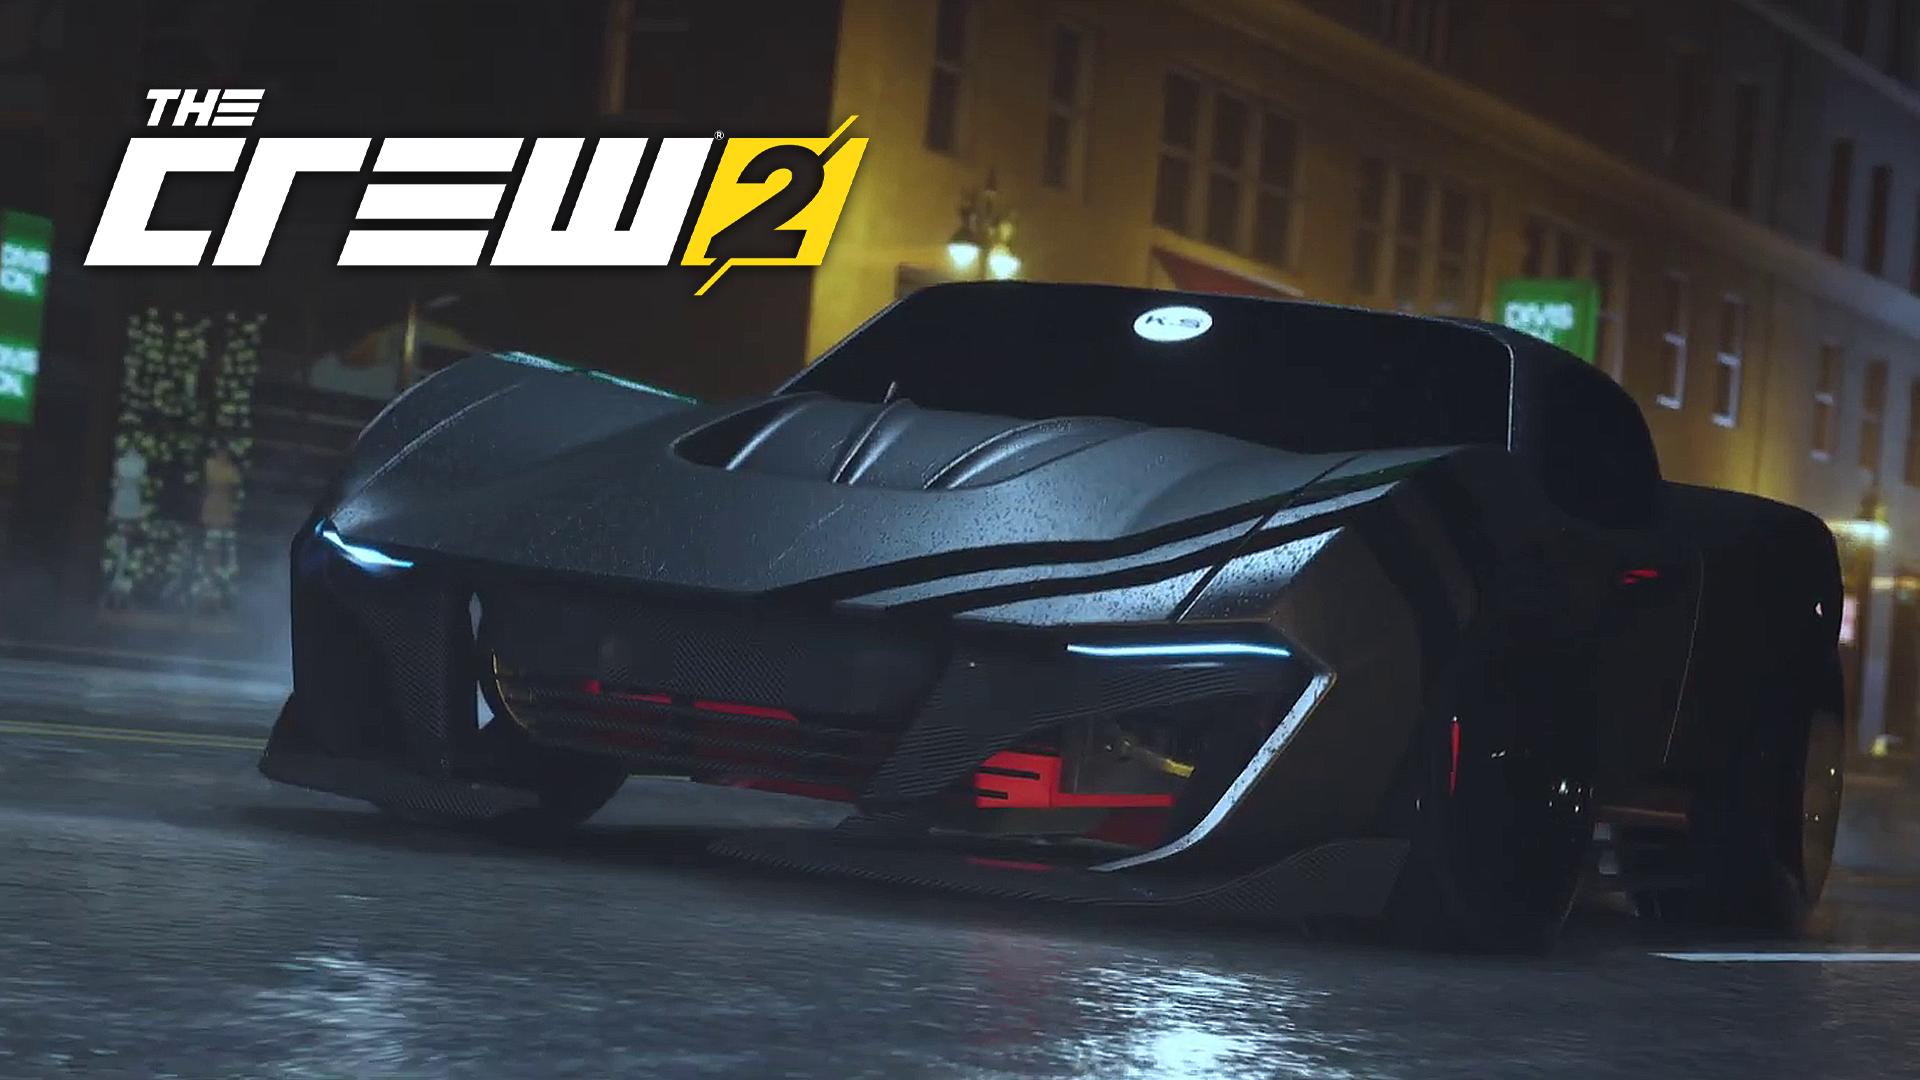 thecrew2chase - 5 Game Balap PlayStation 4 Terbaik di 2020, Penuh Tantangan